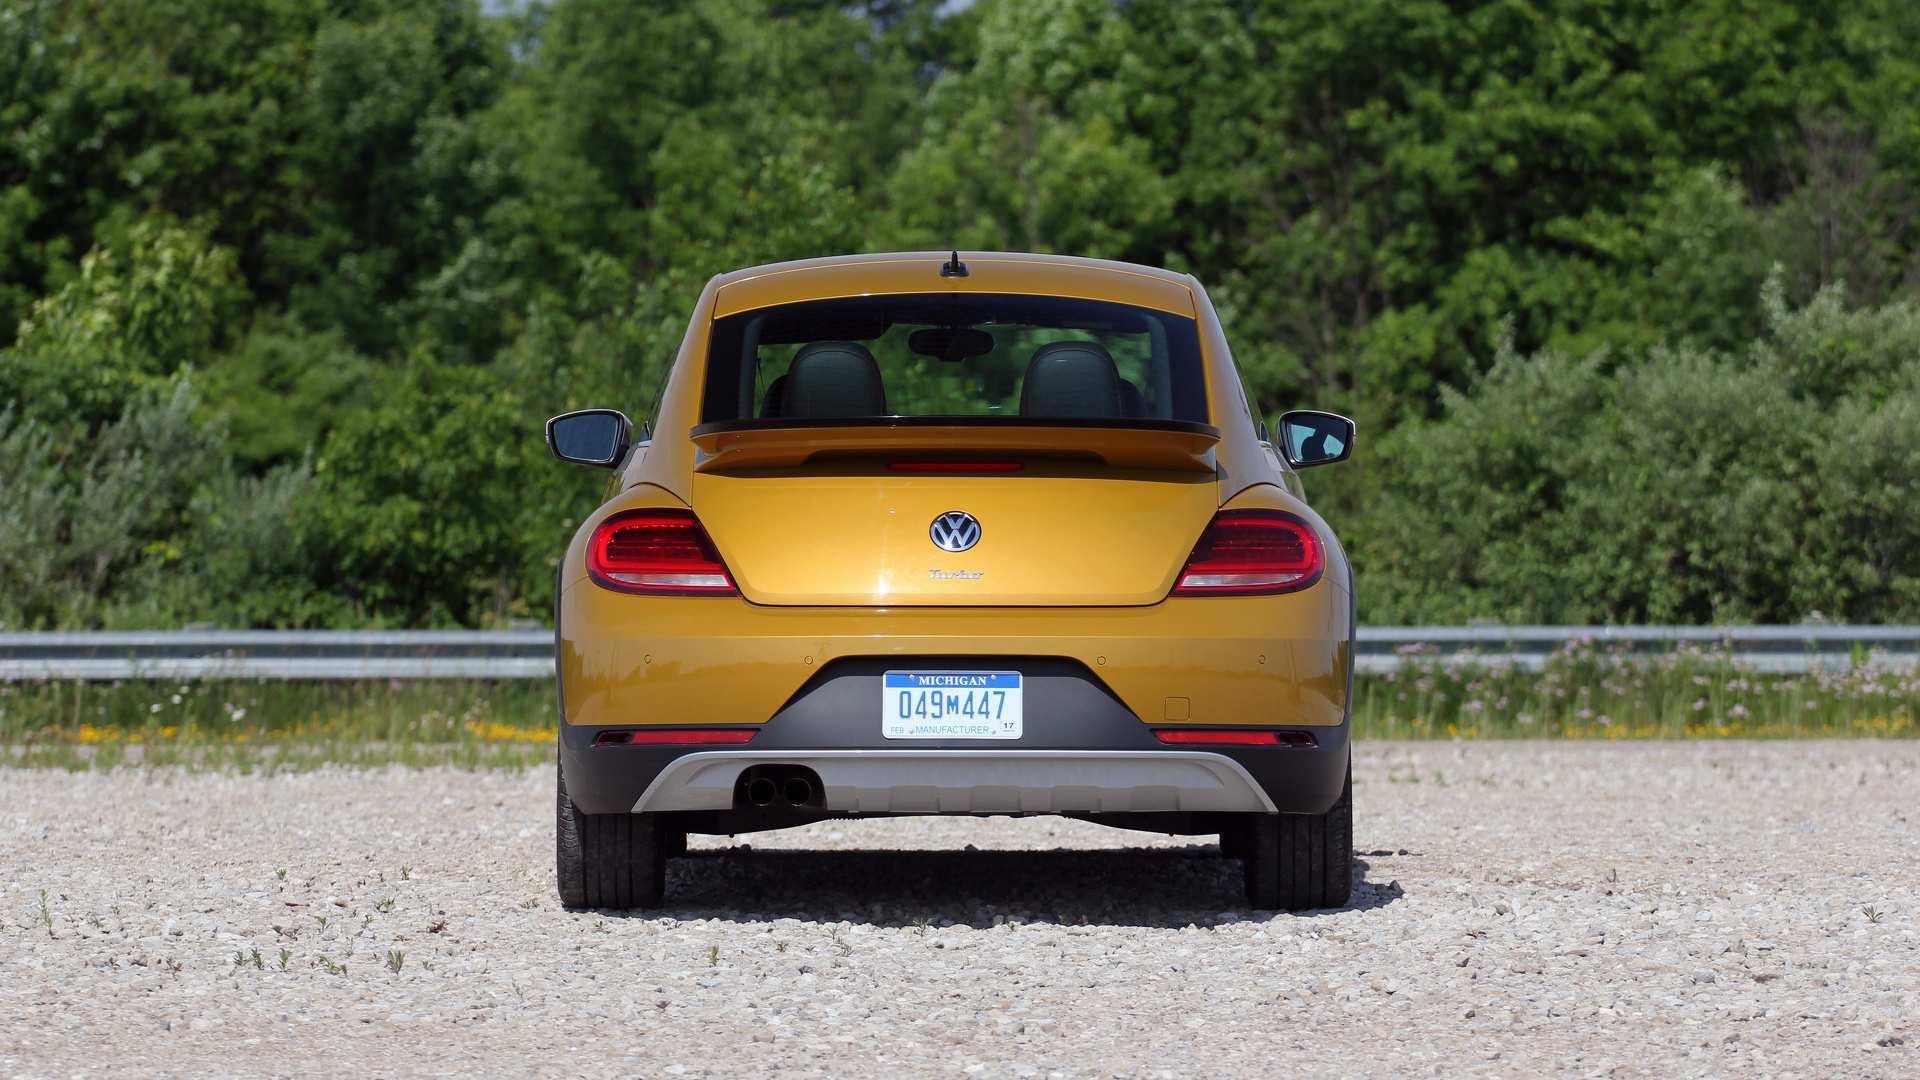 21 Great 2020 Volkswagen Beetle Convertible Configurations for 2020 Volkswagen Beetle Convertible